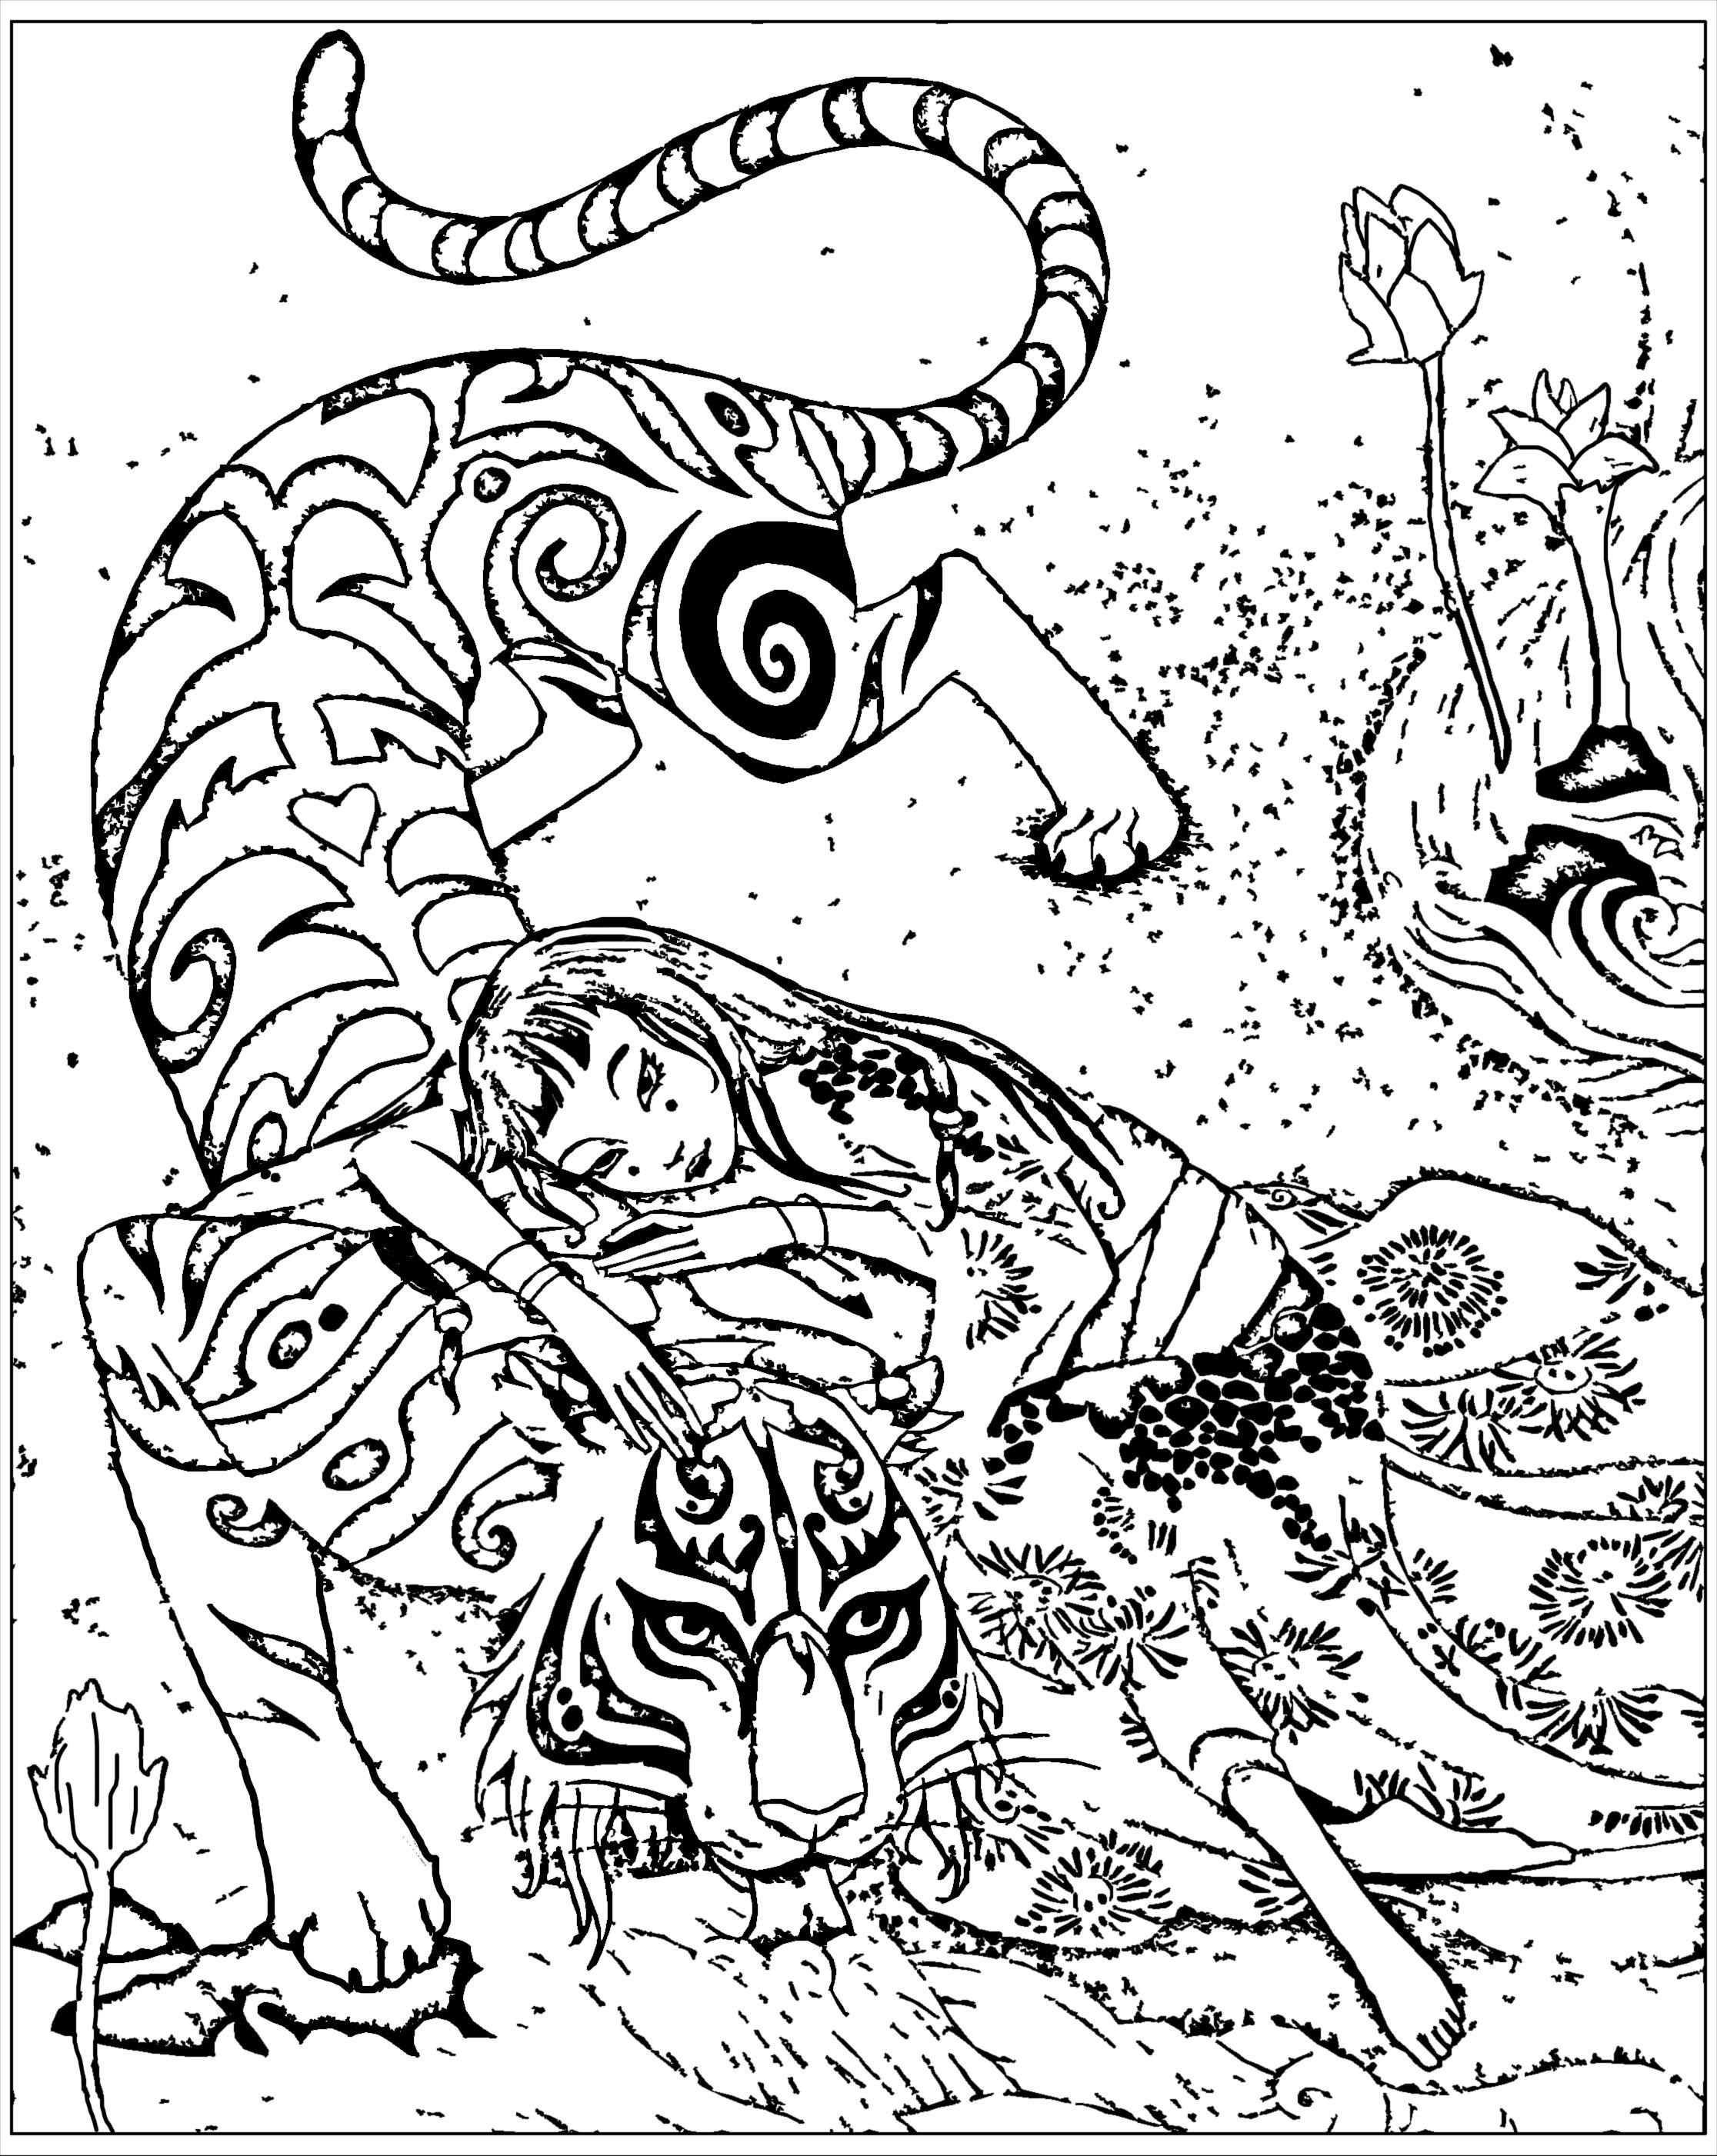 Coloriage Chine Cp.Coloriage Inspire Du Livre Le Tigre Devoue De Qifeng Chena Partir